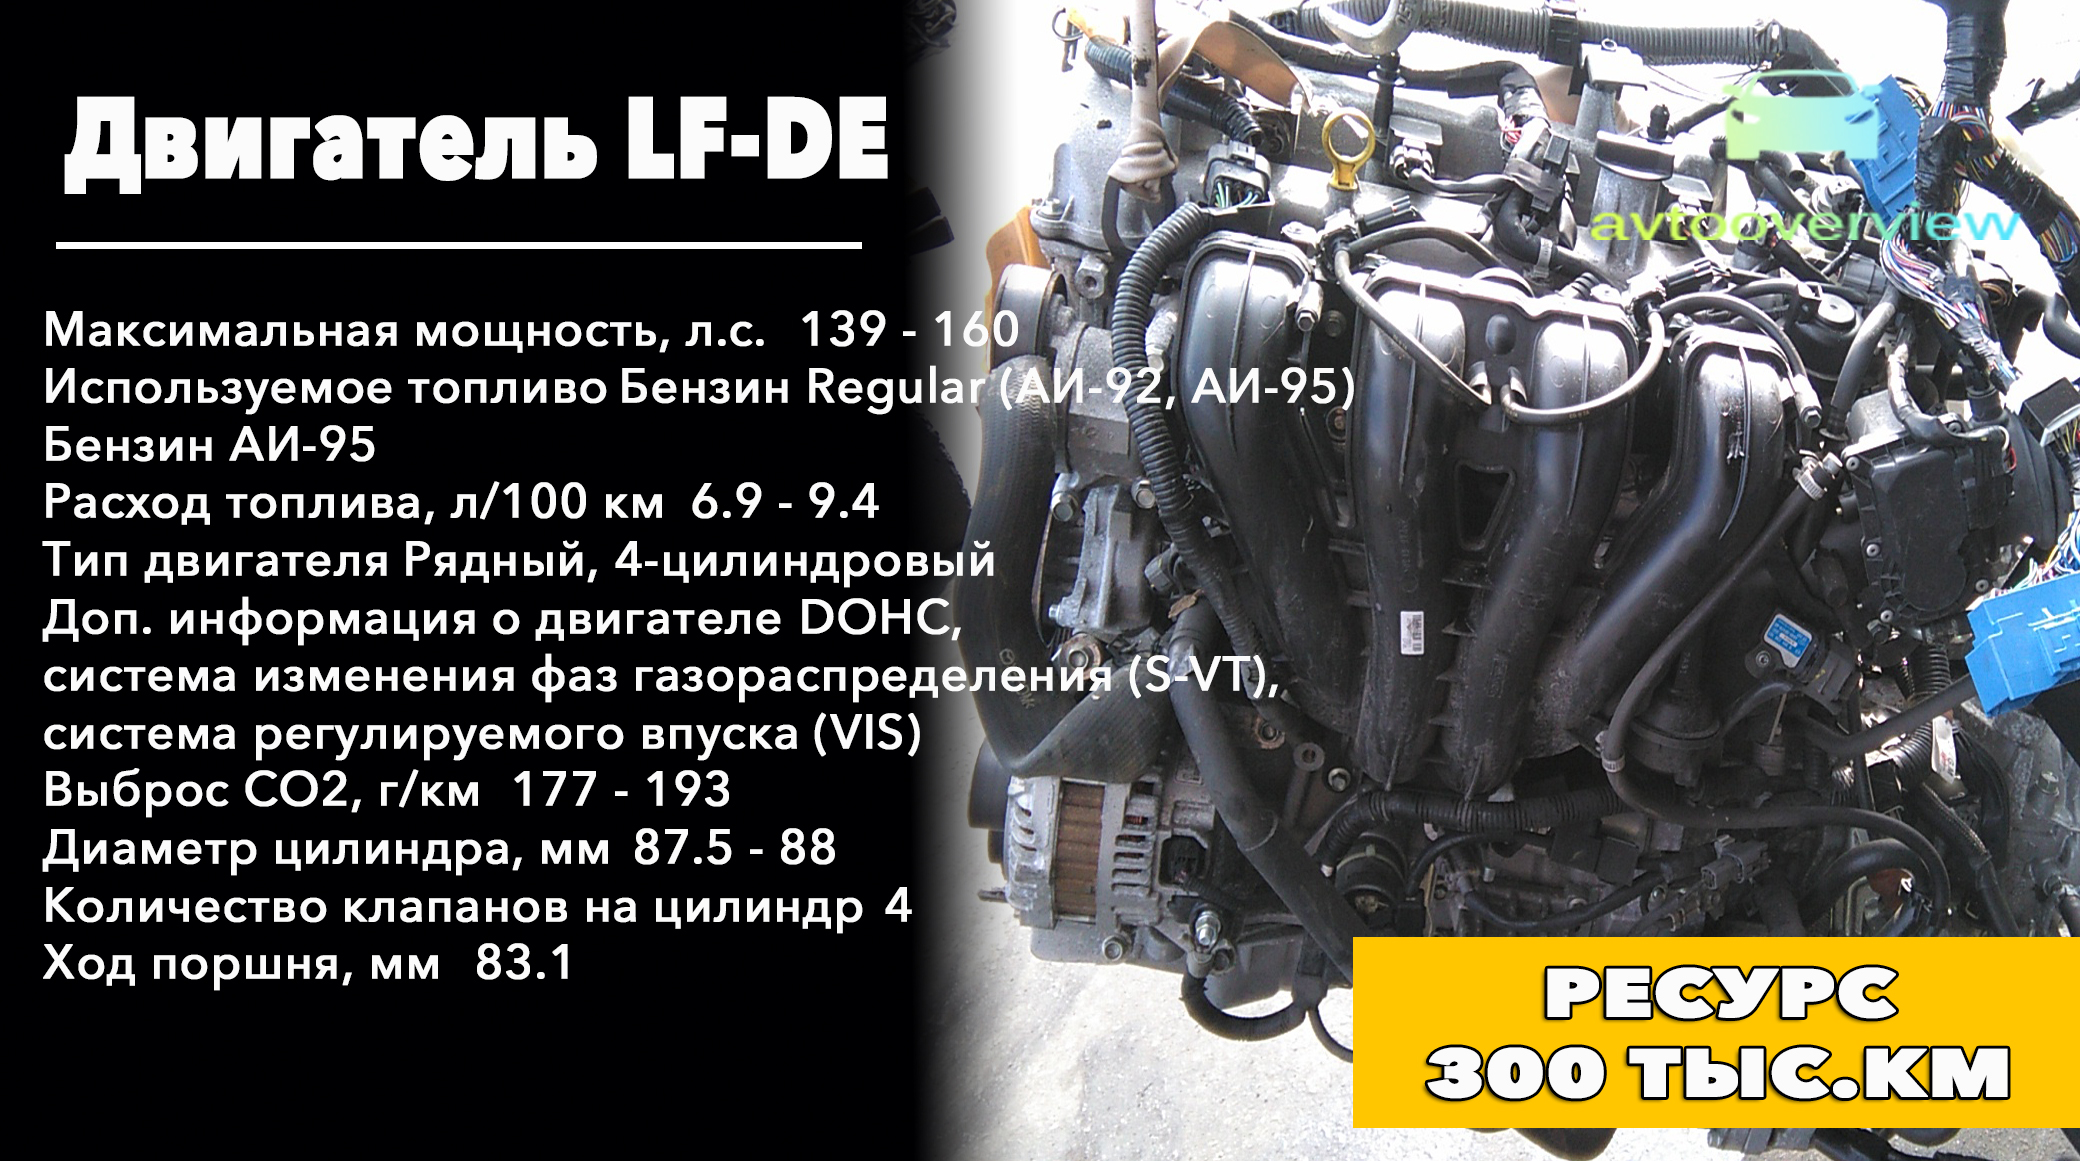 Особенности и ресурс LF-DE